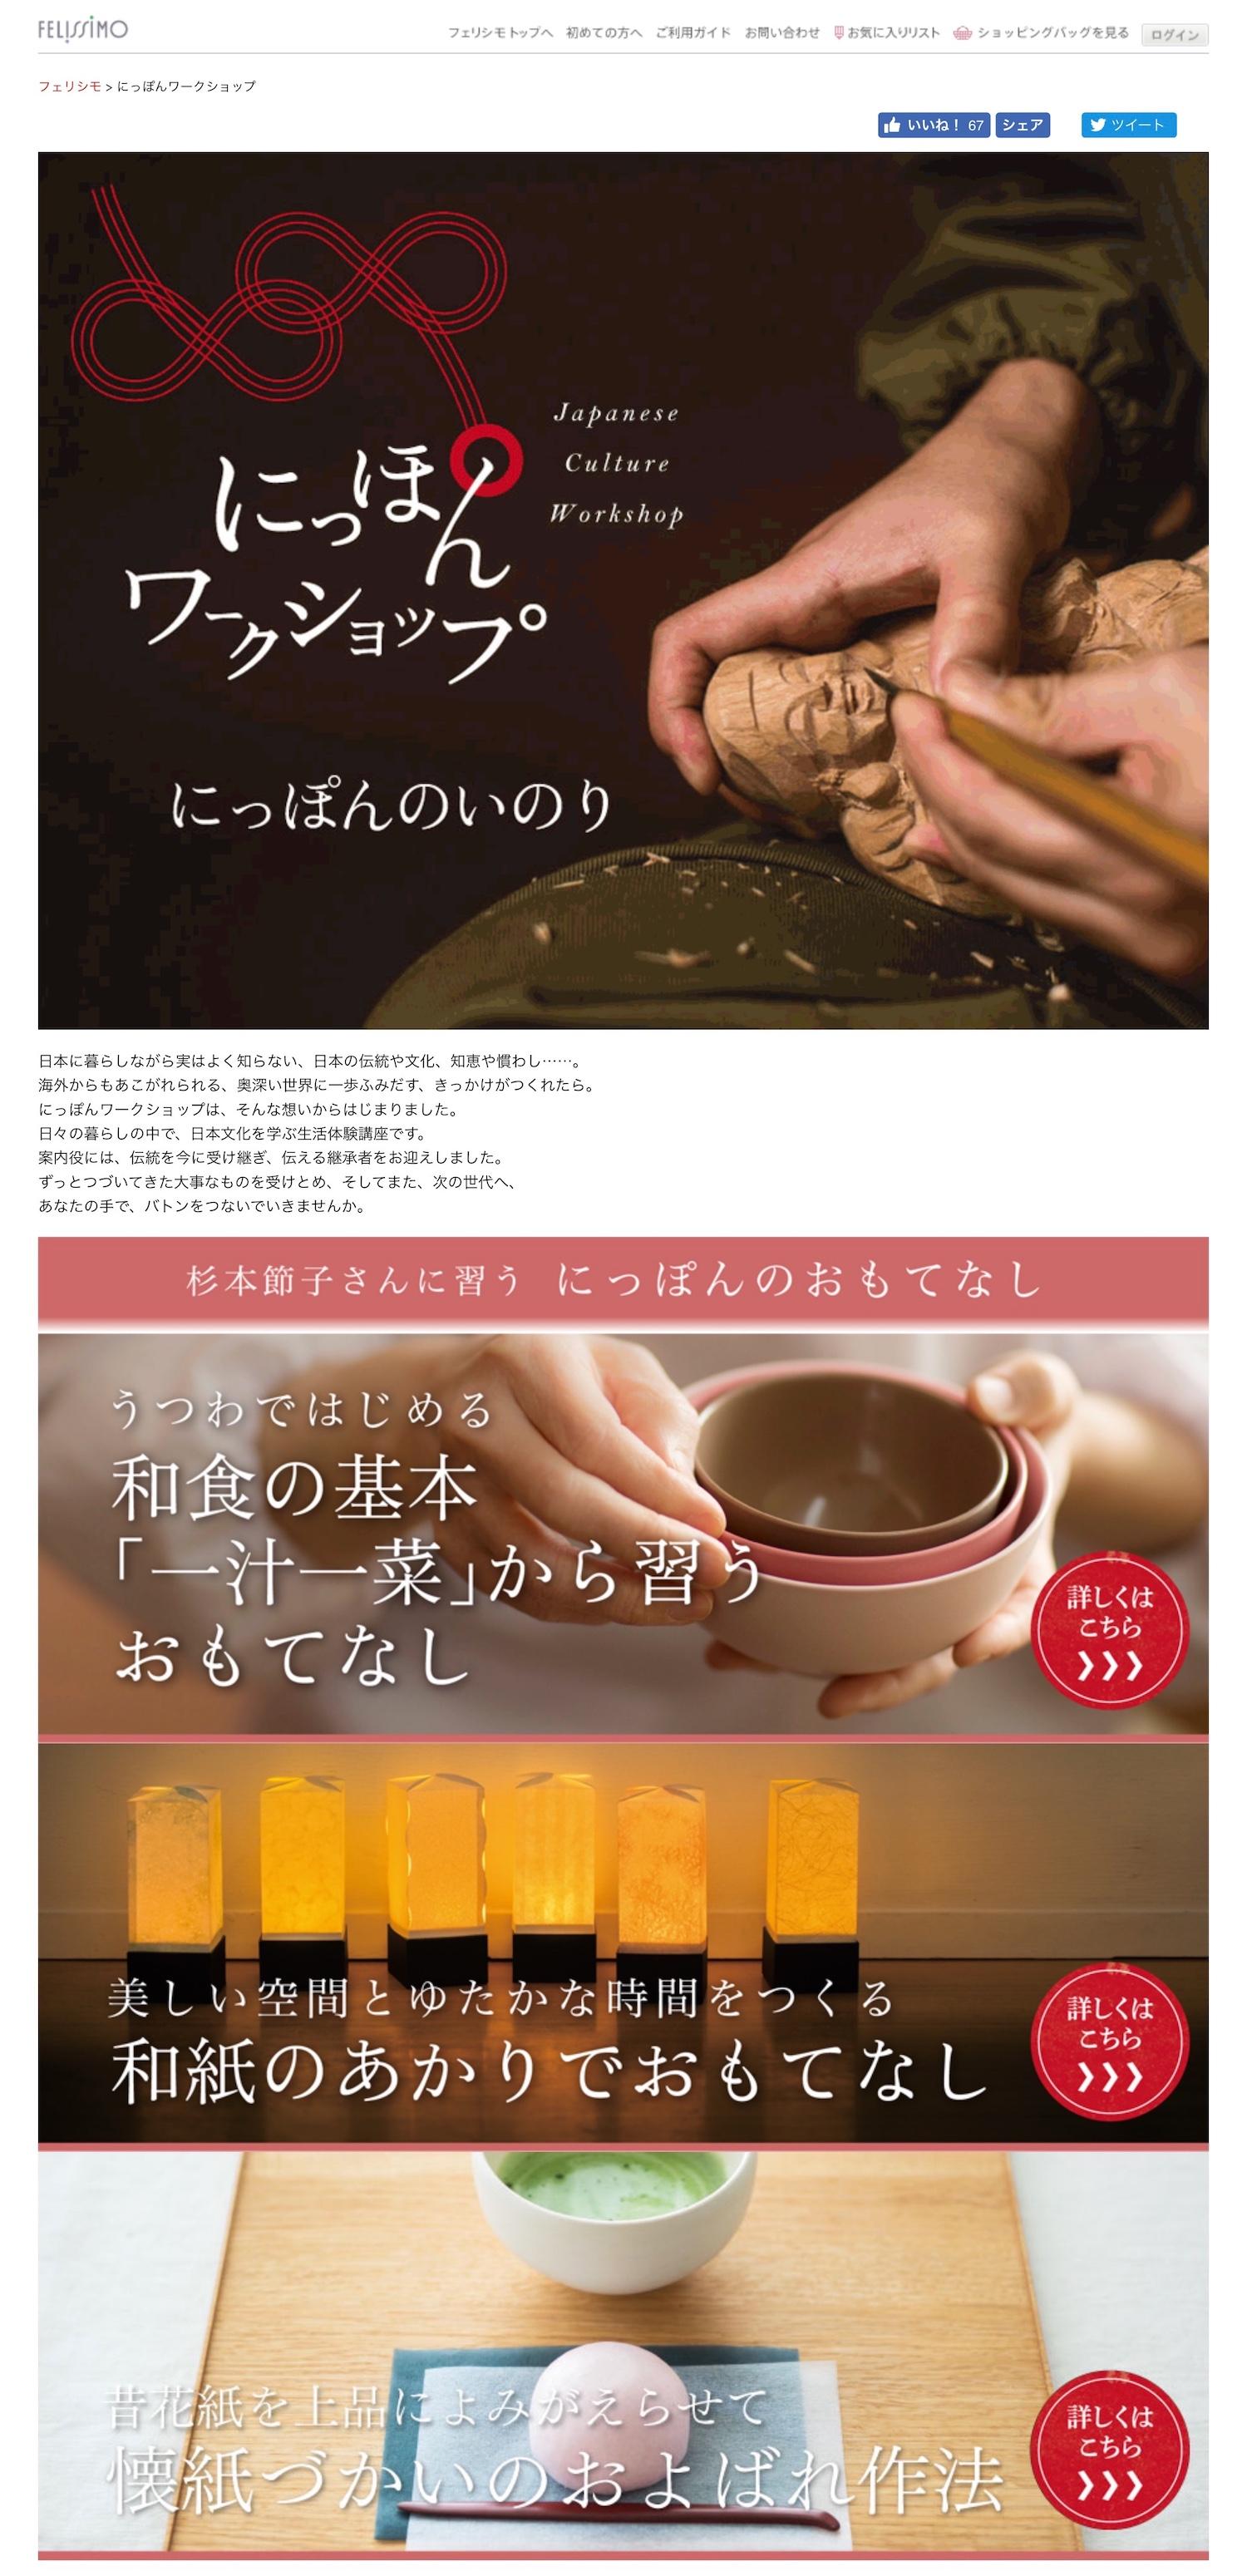 13.Ro にっぽんワークショップ.JPG